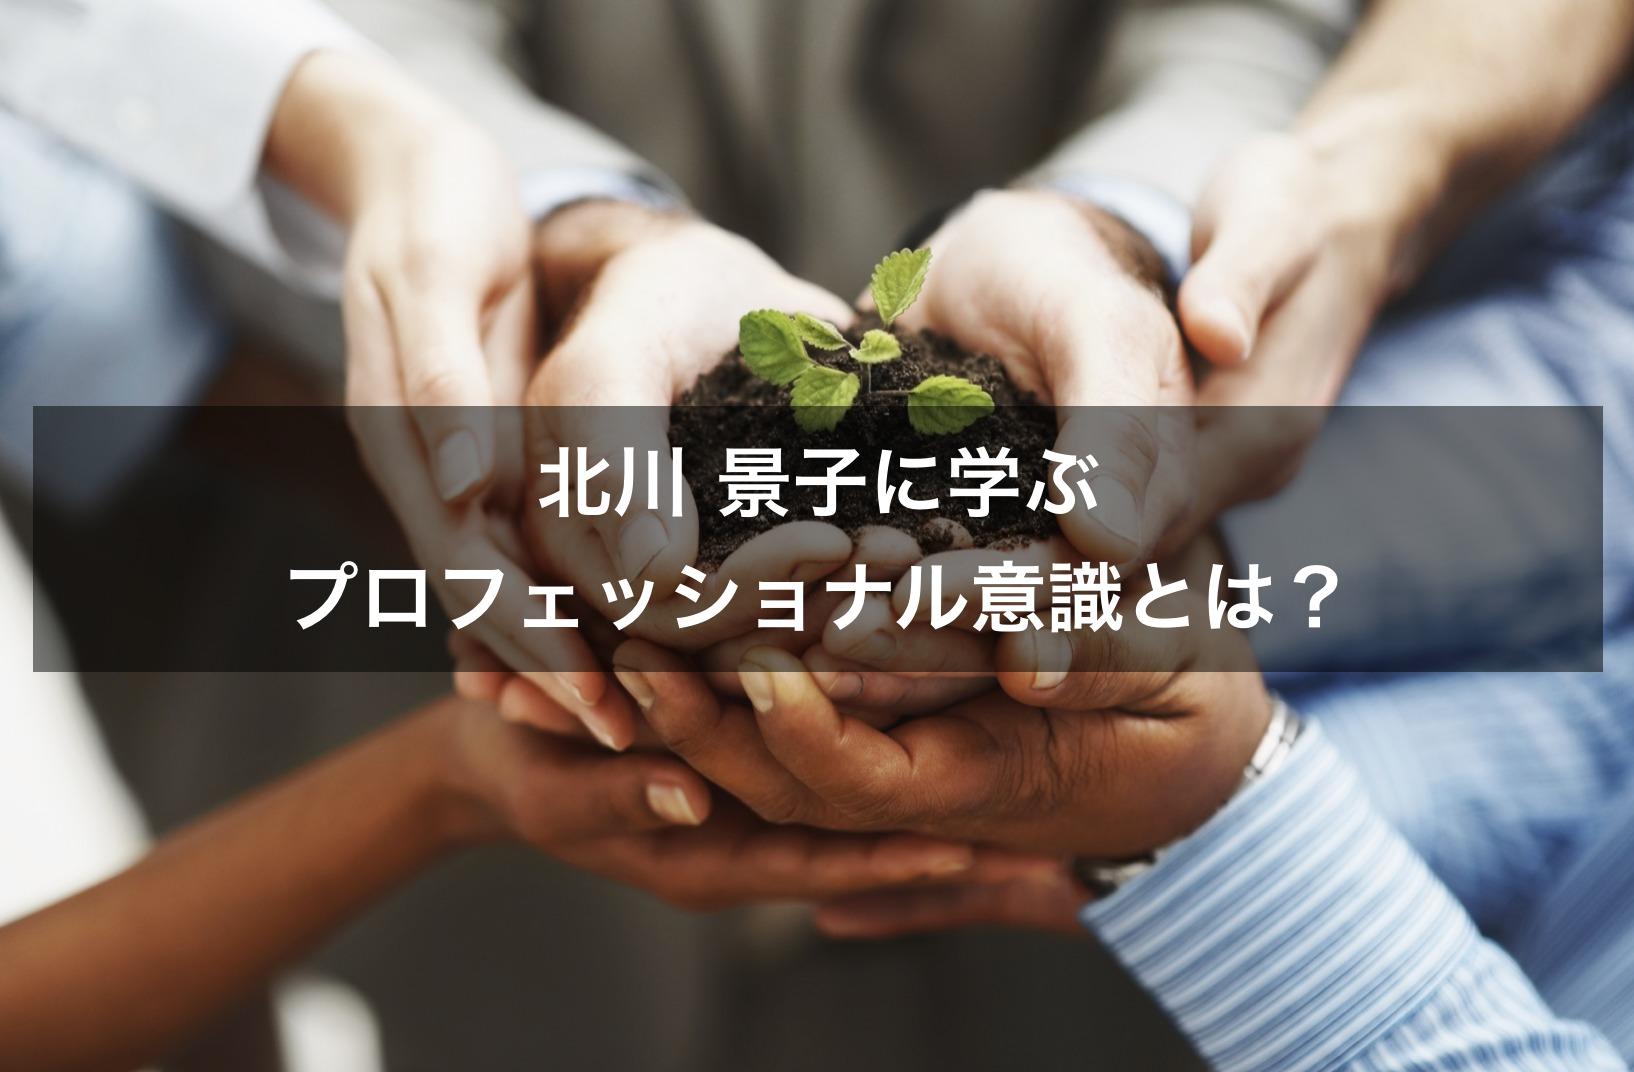 【北川景子に学ぶ】仕事へのプロフェッショナル意識(責任と覚悟)とは